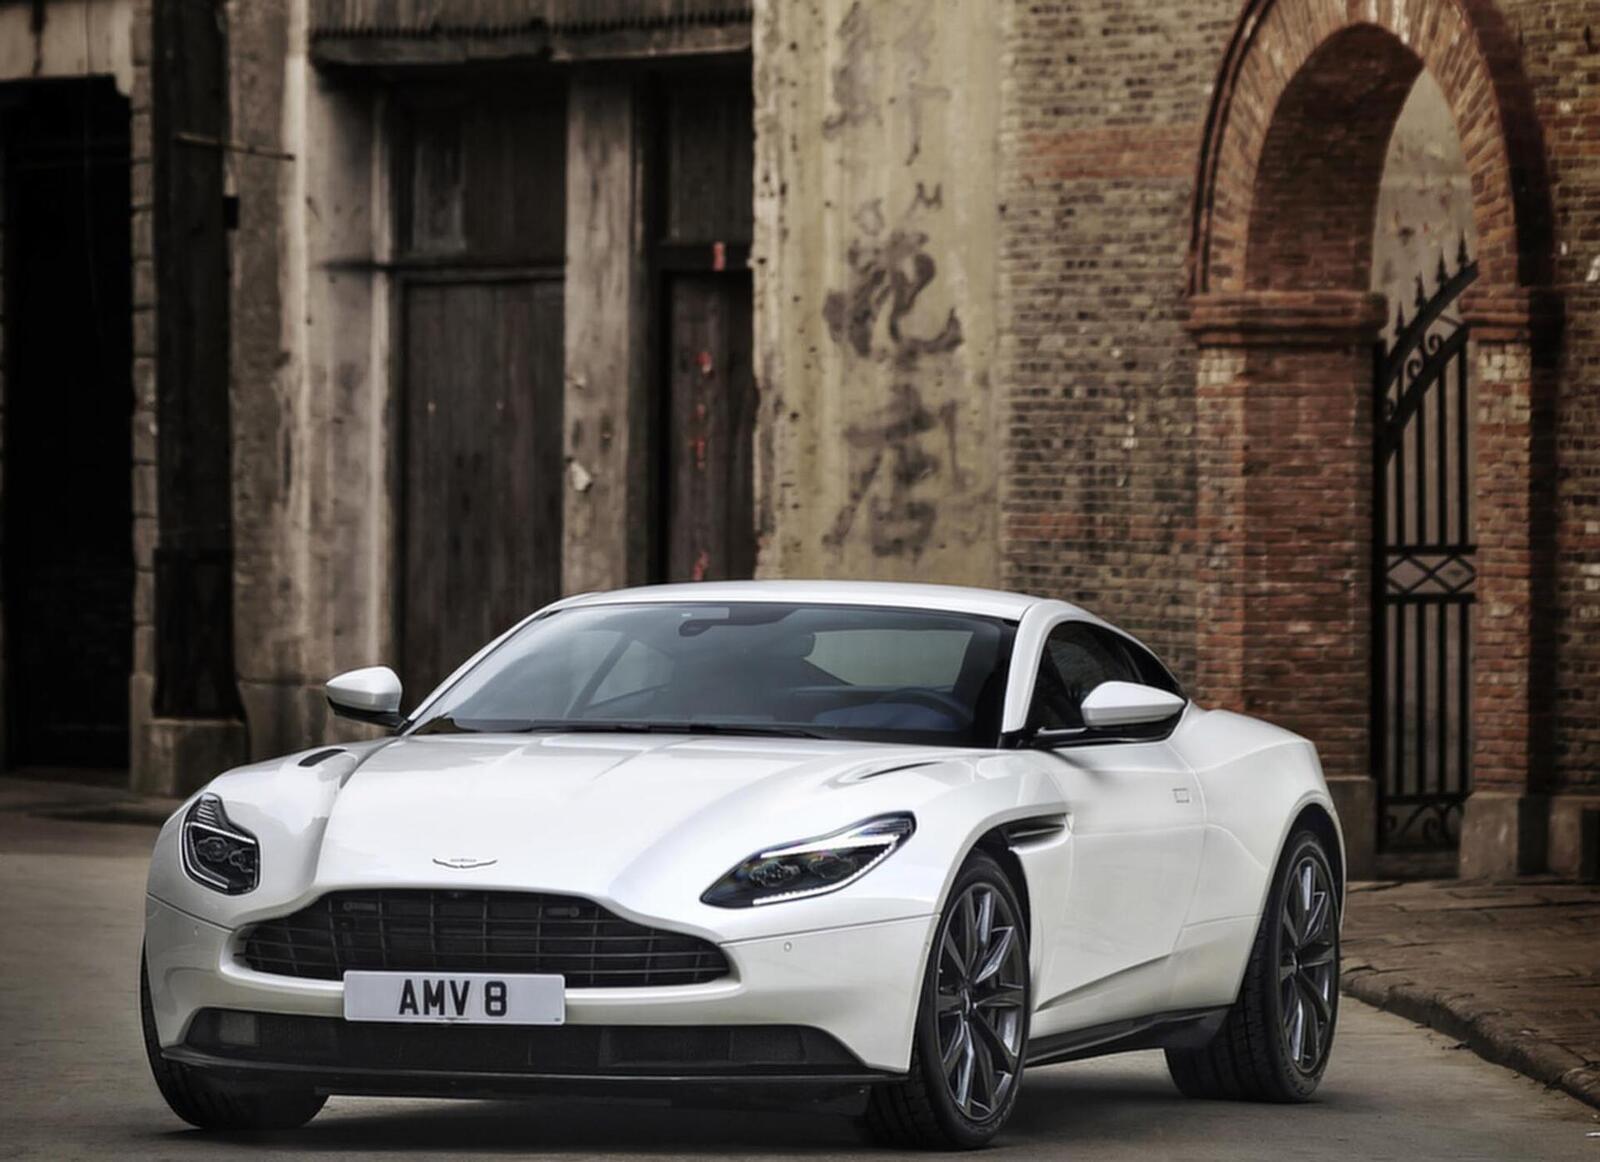 Siêu xe Aston Martin DB11 về Việt Nam; xe nhập chính hãng - Hình 10